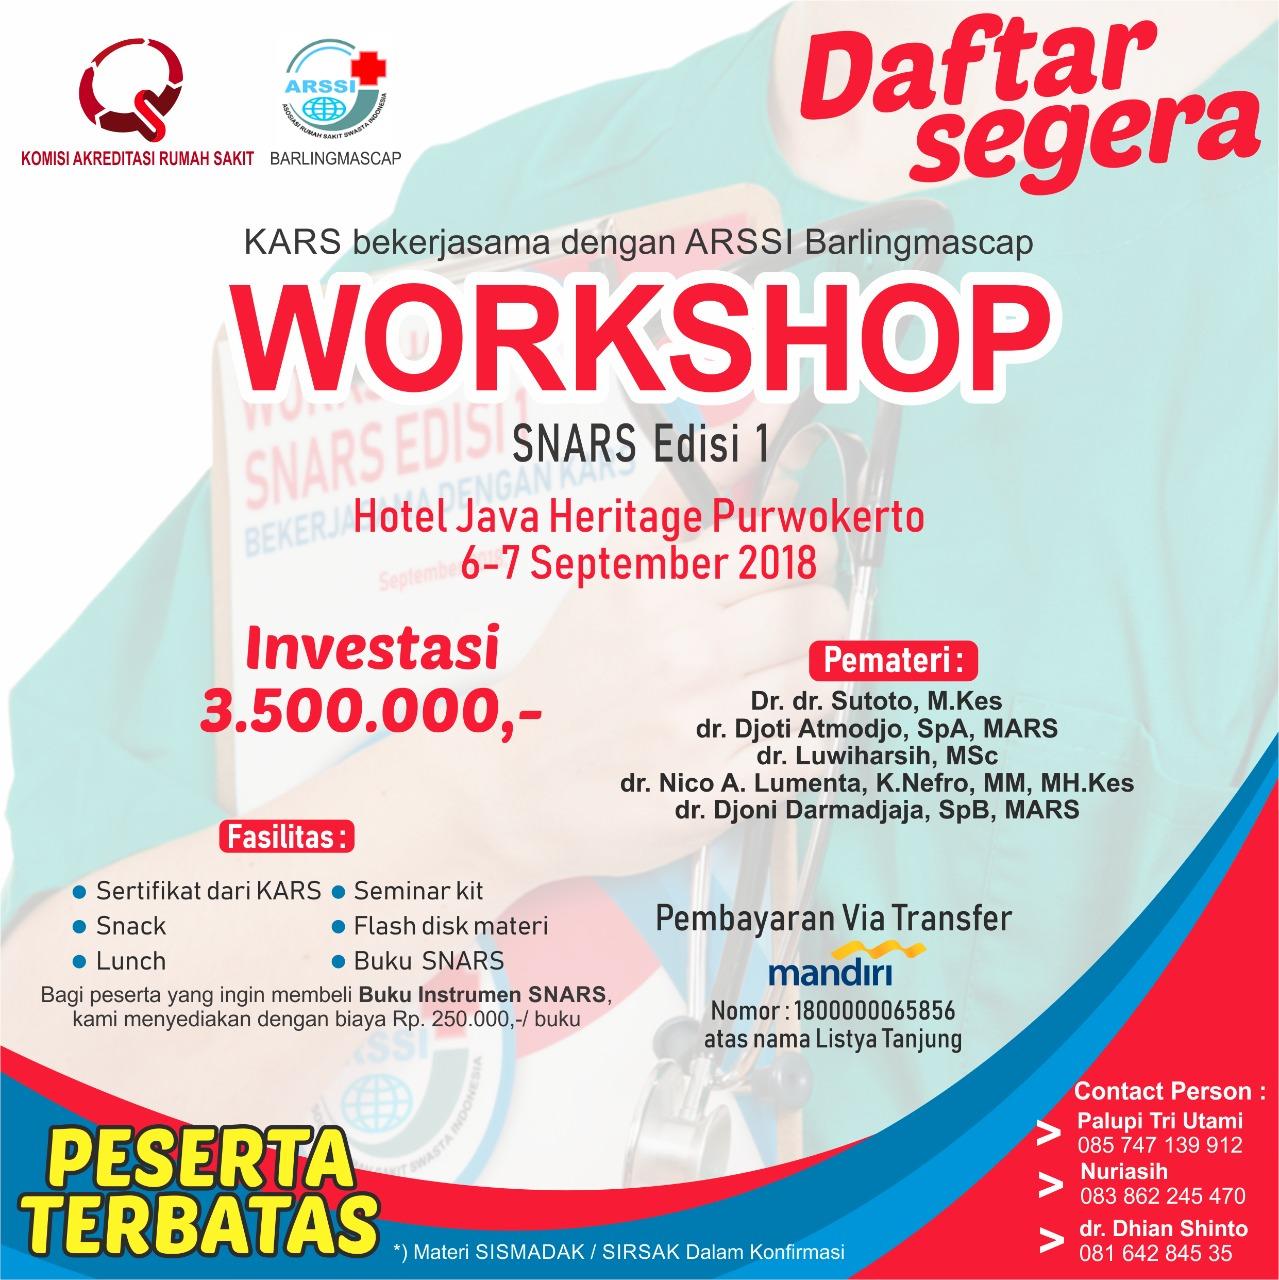 workshop snars edisi 1 WORKSHOP SNARS EDISI 1 WhatsApp Image 2018 08 09 at 13